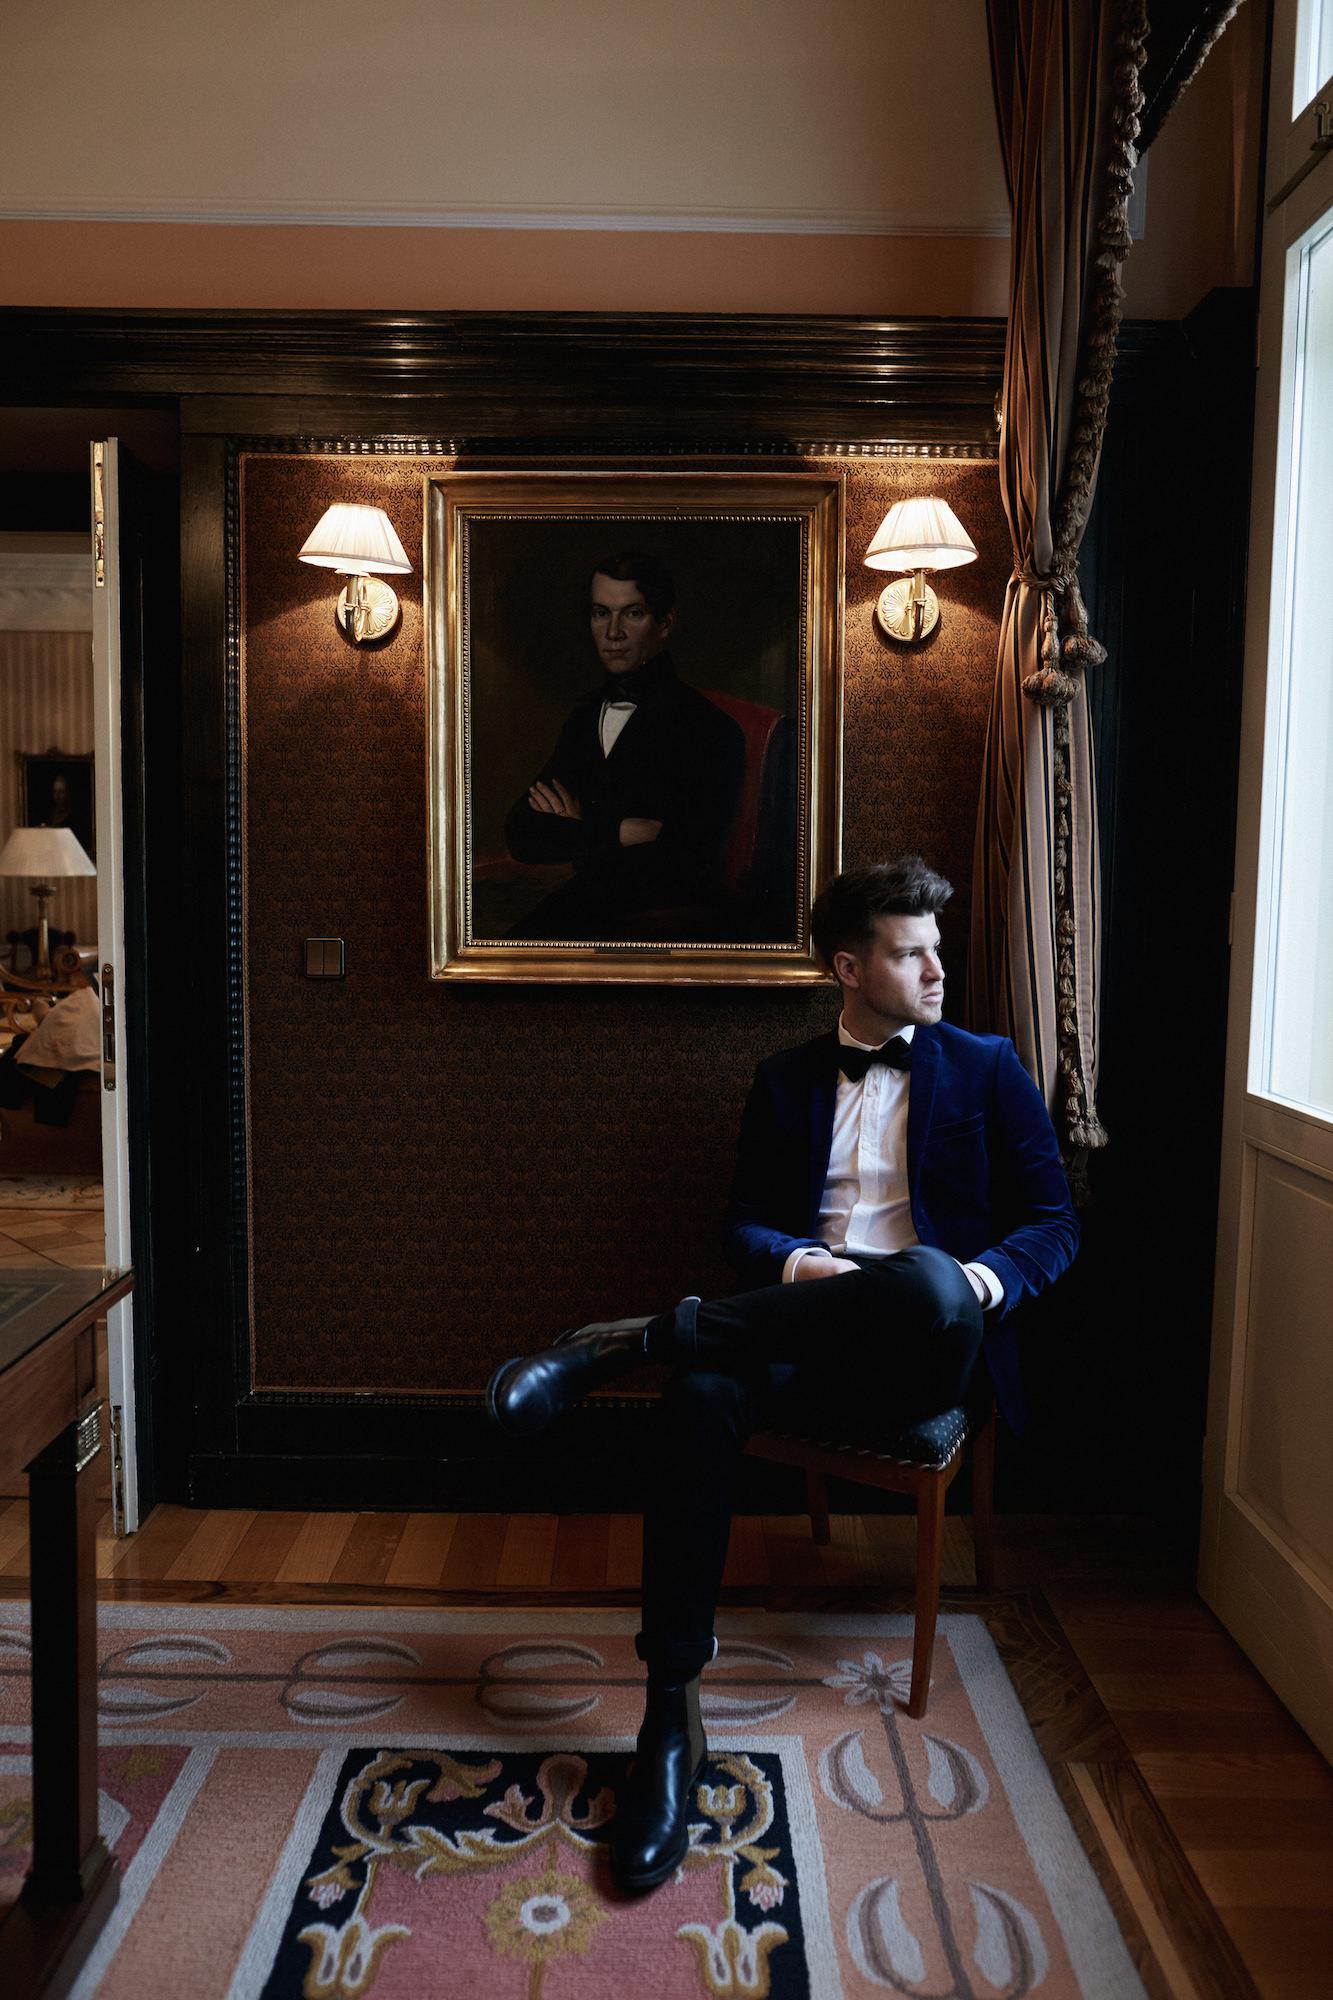 Elegantes Silvesteroutfit für Männer_Tiger of Sweden Samt Blazer_Meanwhile in Awesometown_Modeblogger_Mens Fashion und Lifestyleblogger_Wiener Blogger_Maleblogger8